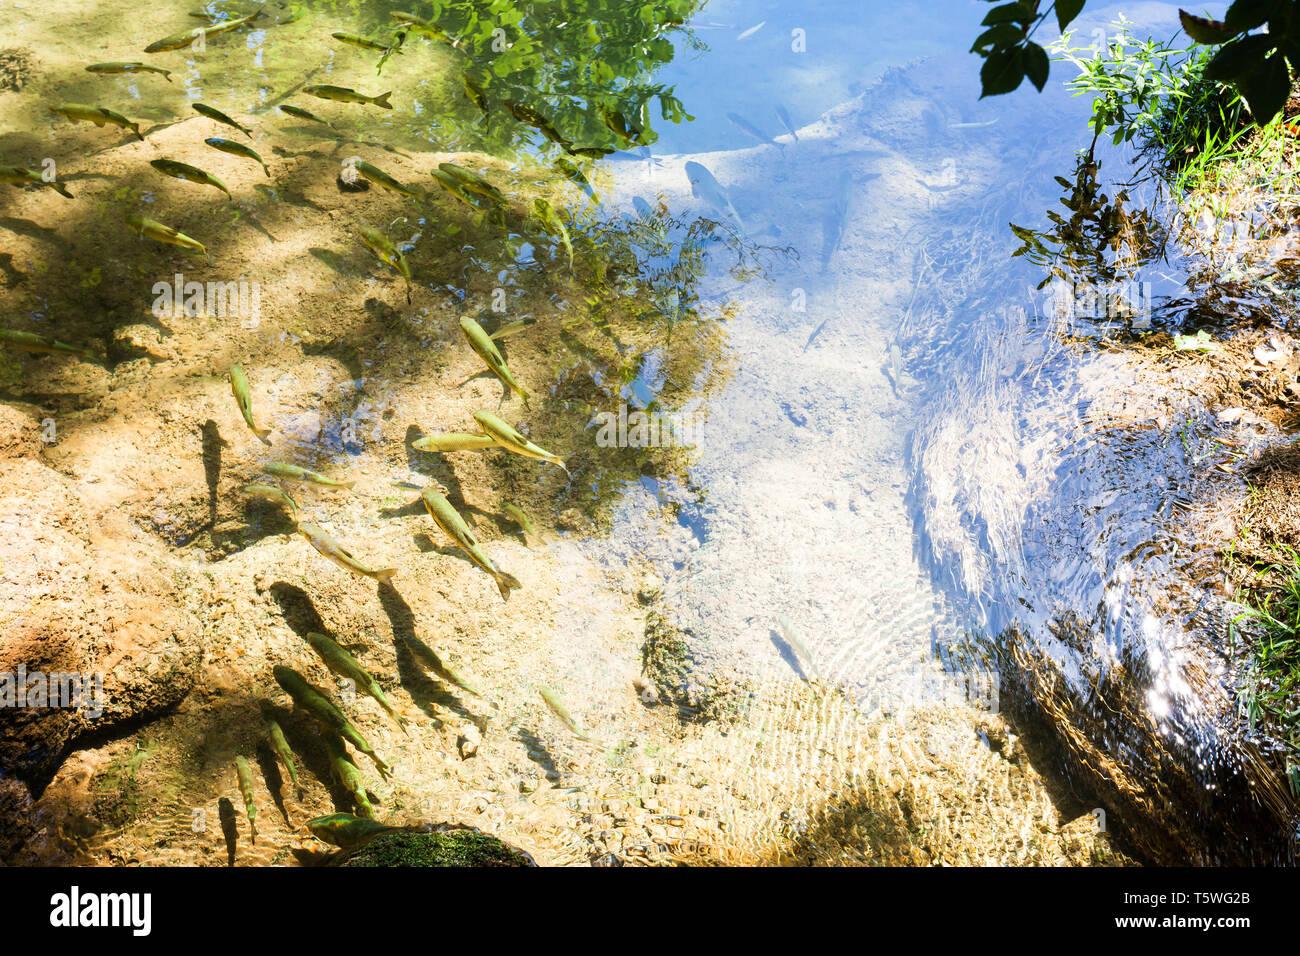 Krka, Sibenik, Kroatien, Europa - Forellen schwimmen langsam genießen die warme Sonne Stockfoto